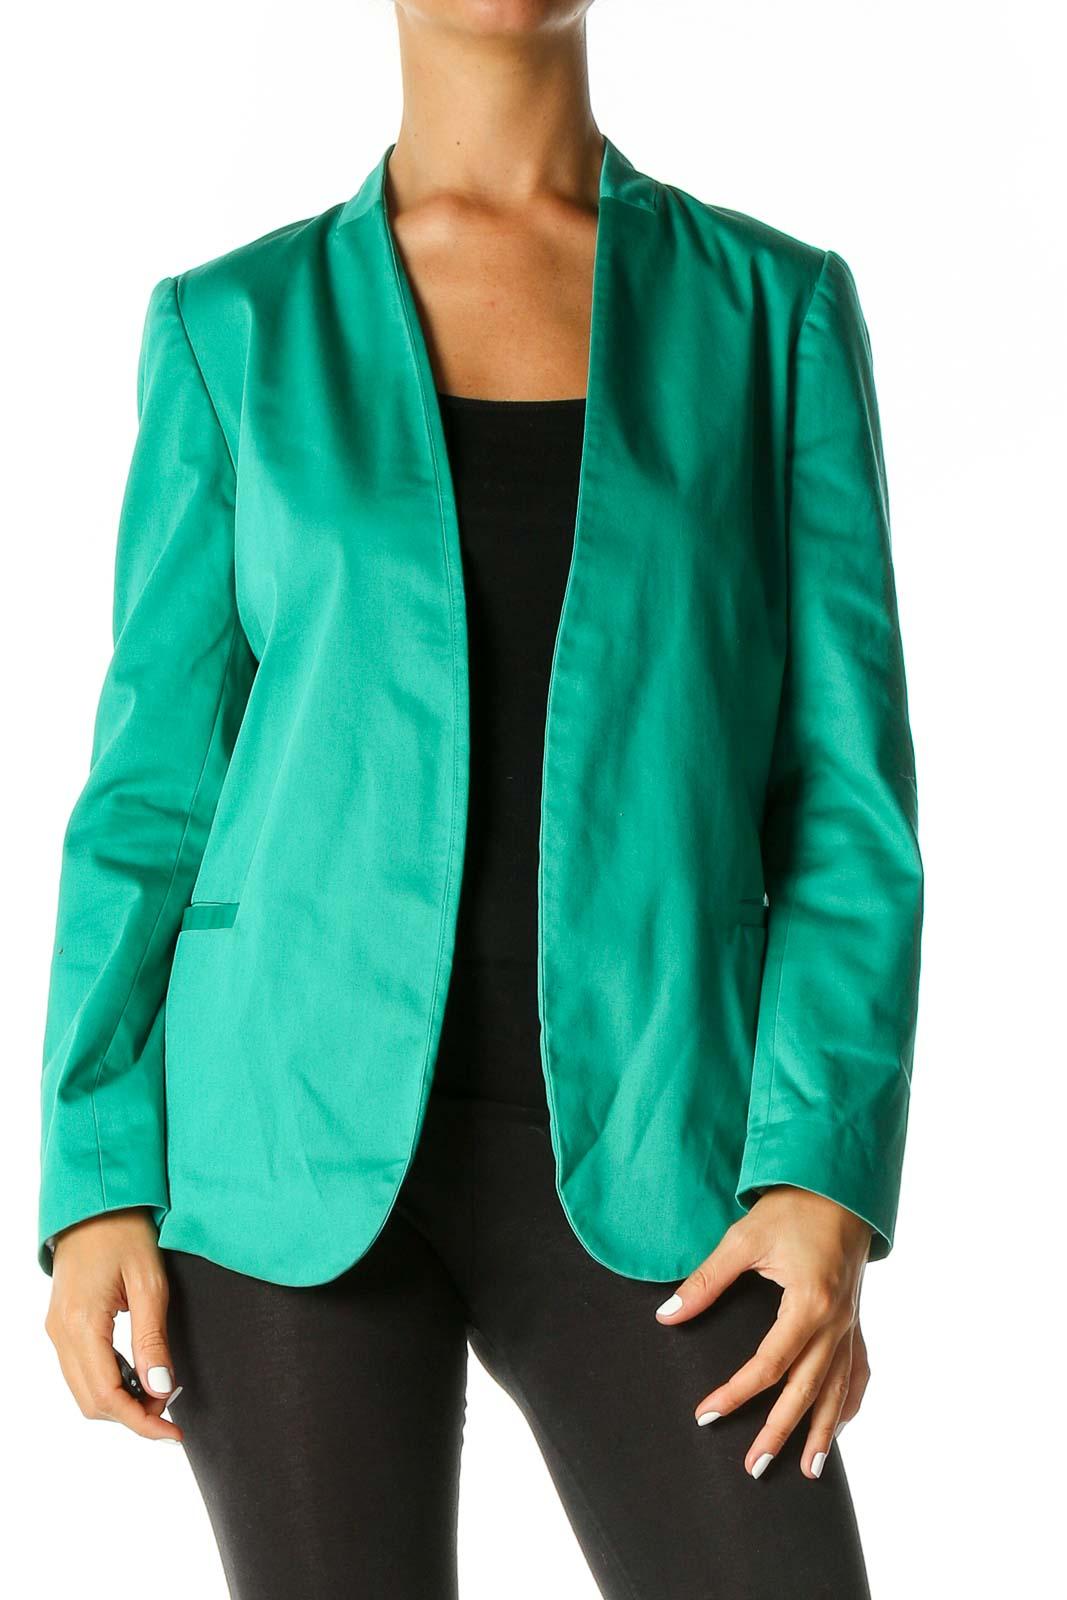 Green Blazer Front